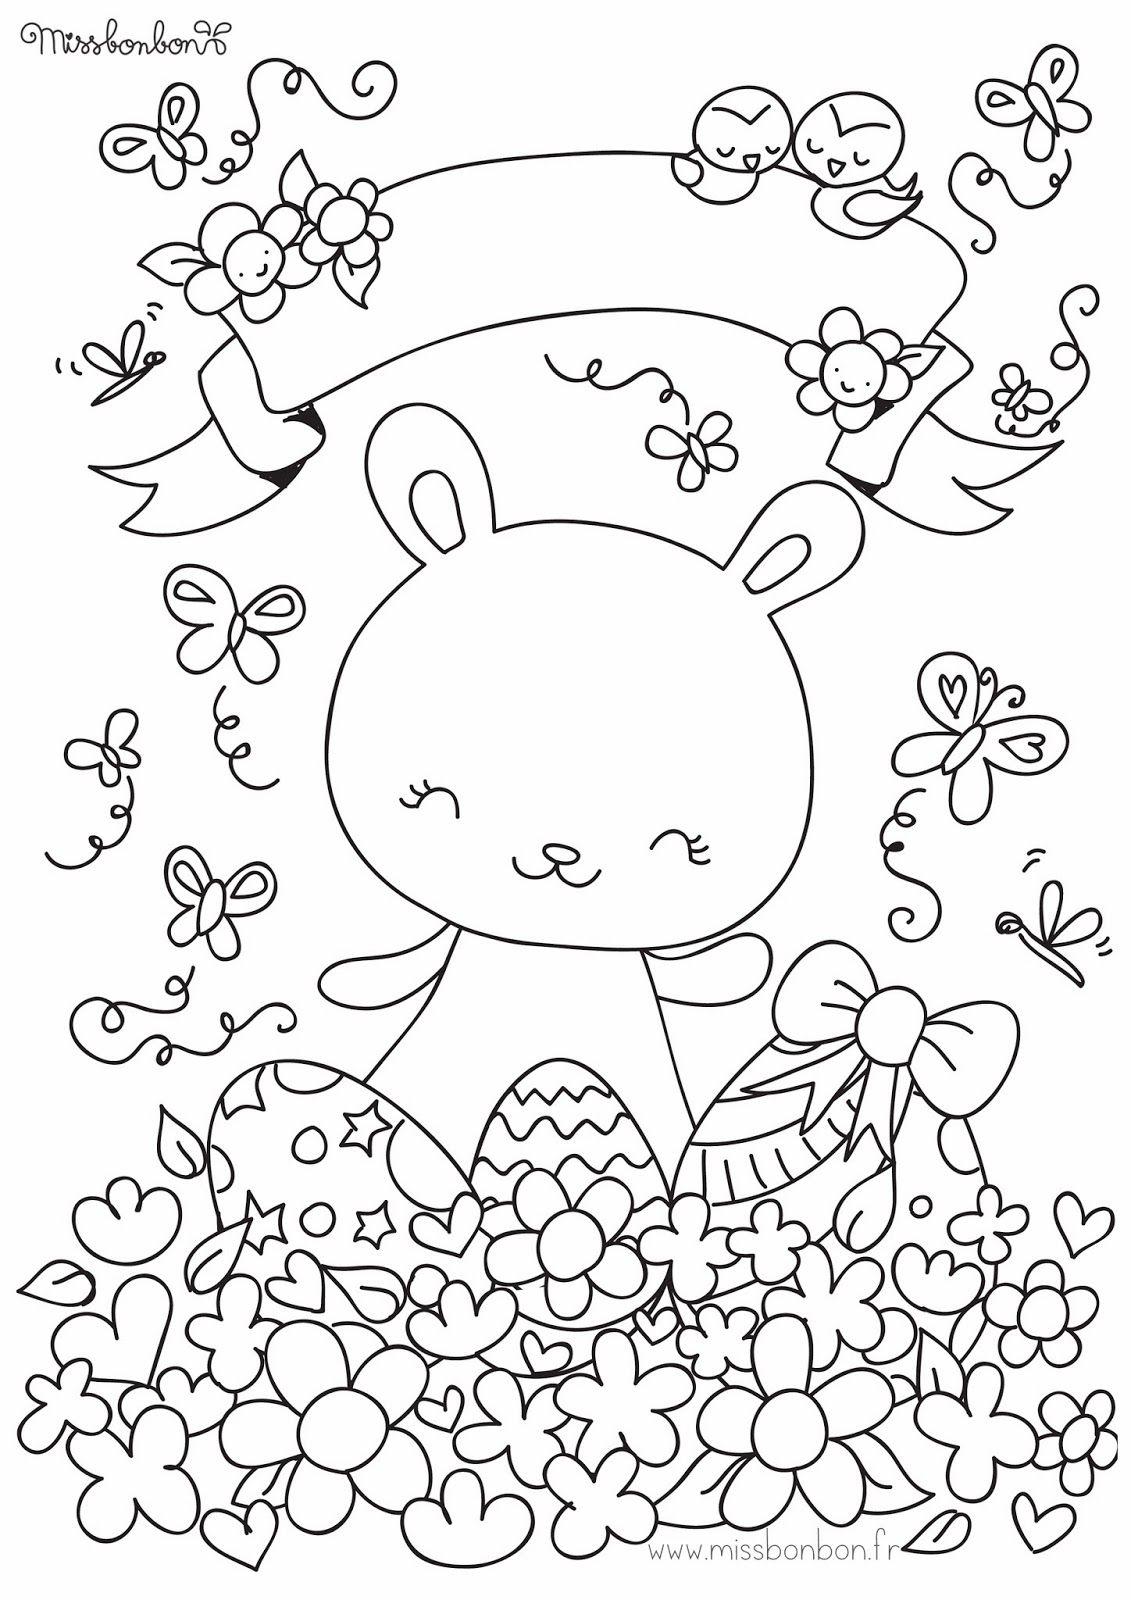 Coloriage de p ques miss bonbon p ques coloriage paques coloriage et id es pour p ques - Bonbon en dessin ...